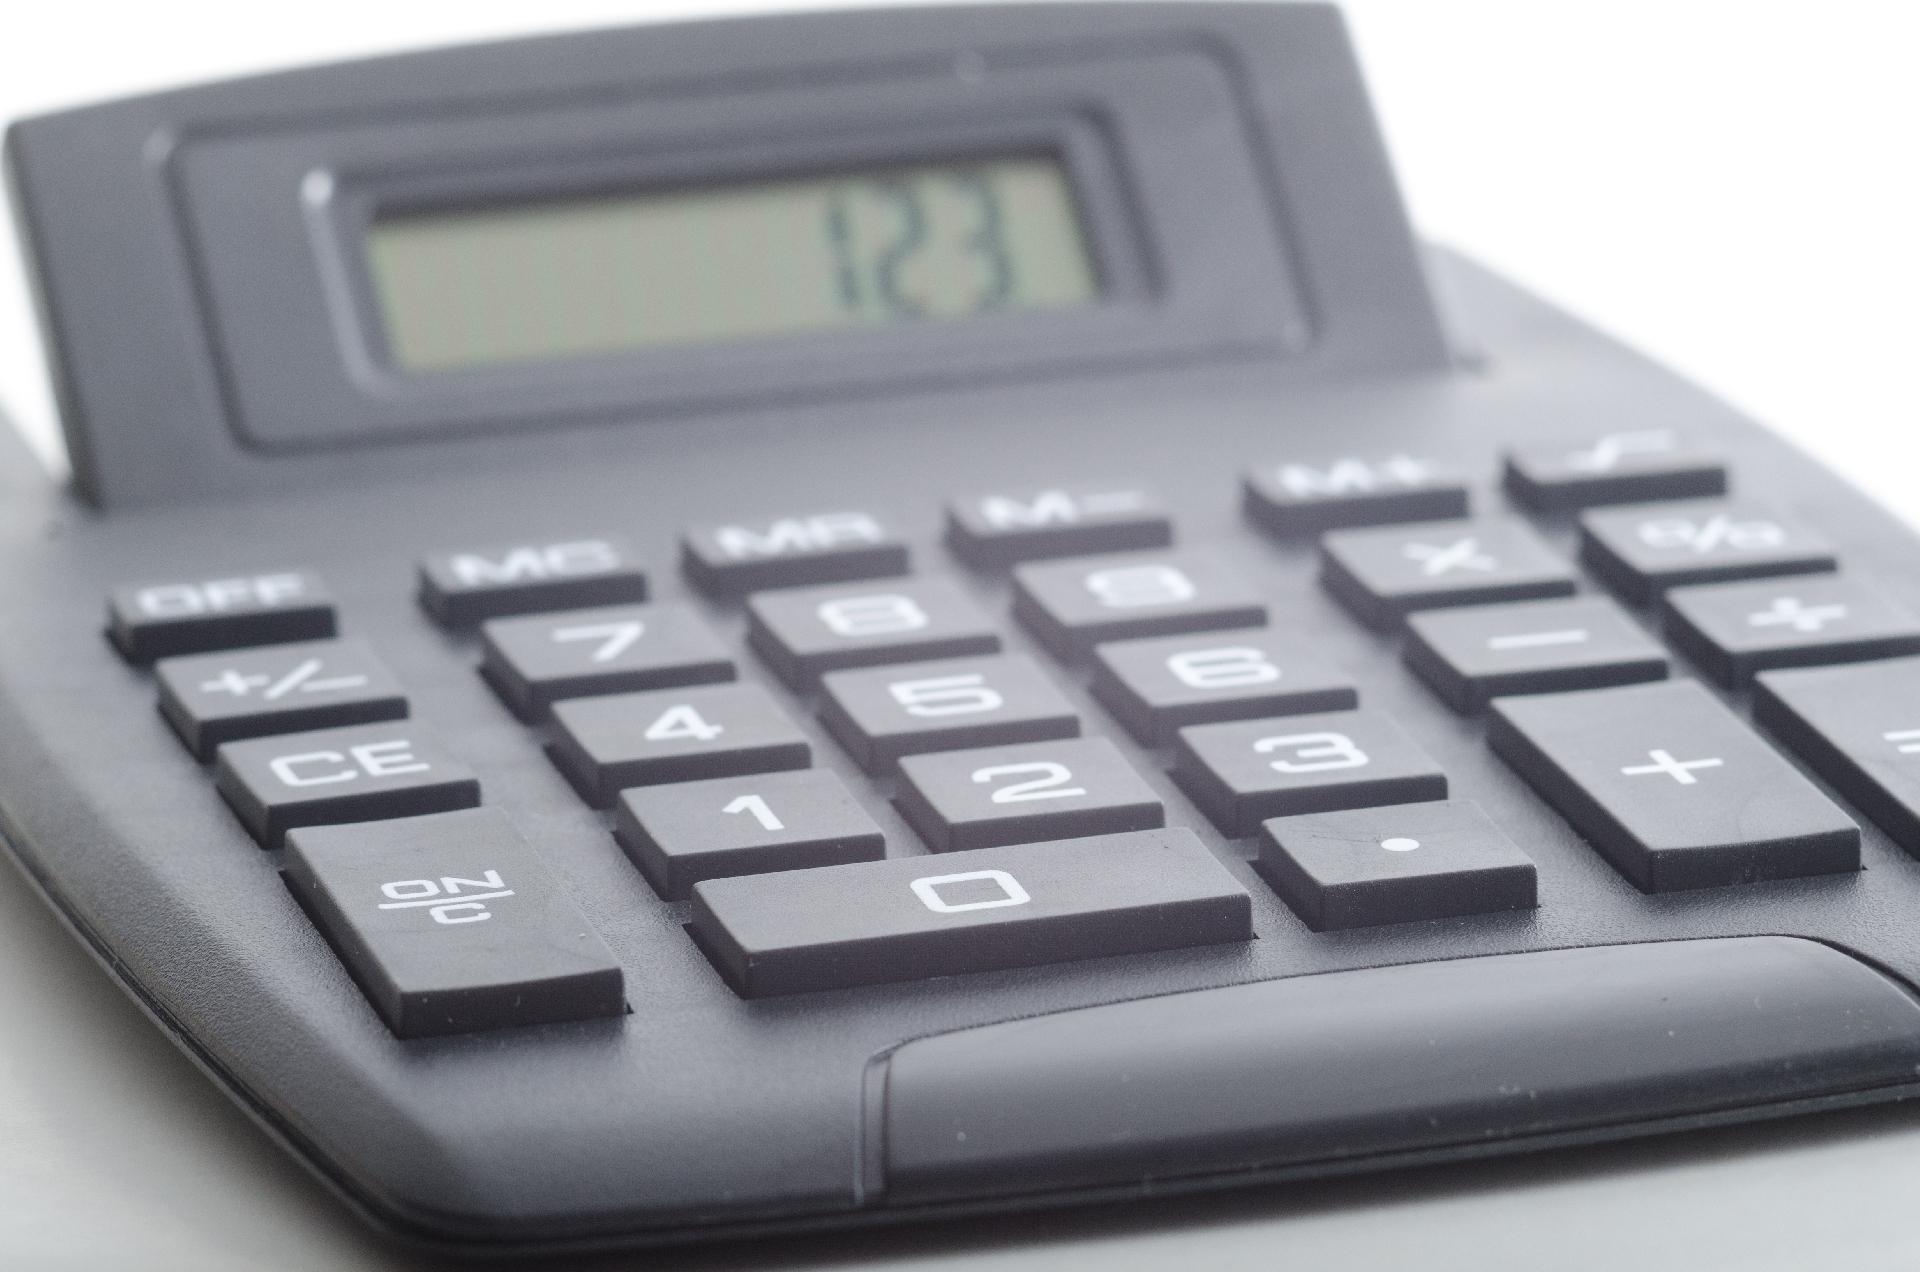 収入、支出 負債、資産のバランスを計算しよう